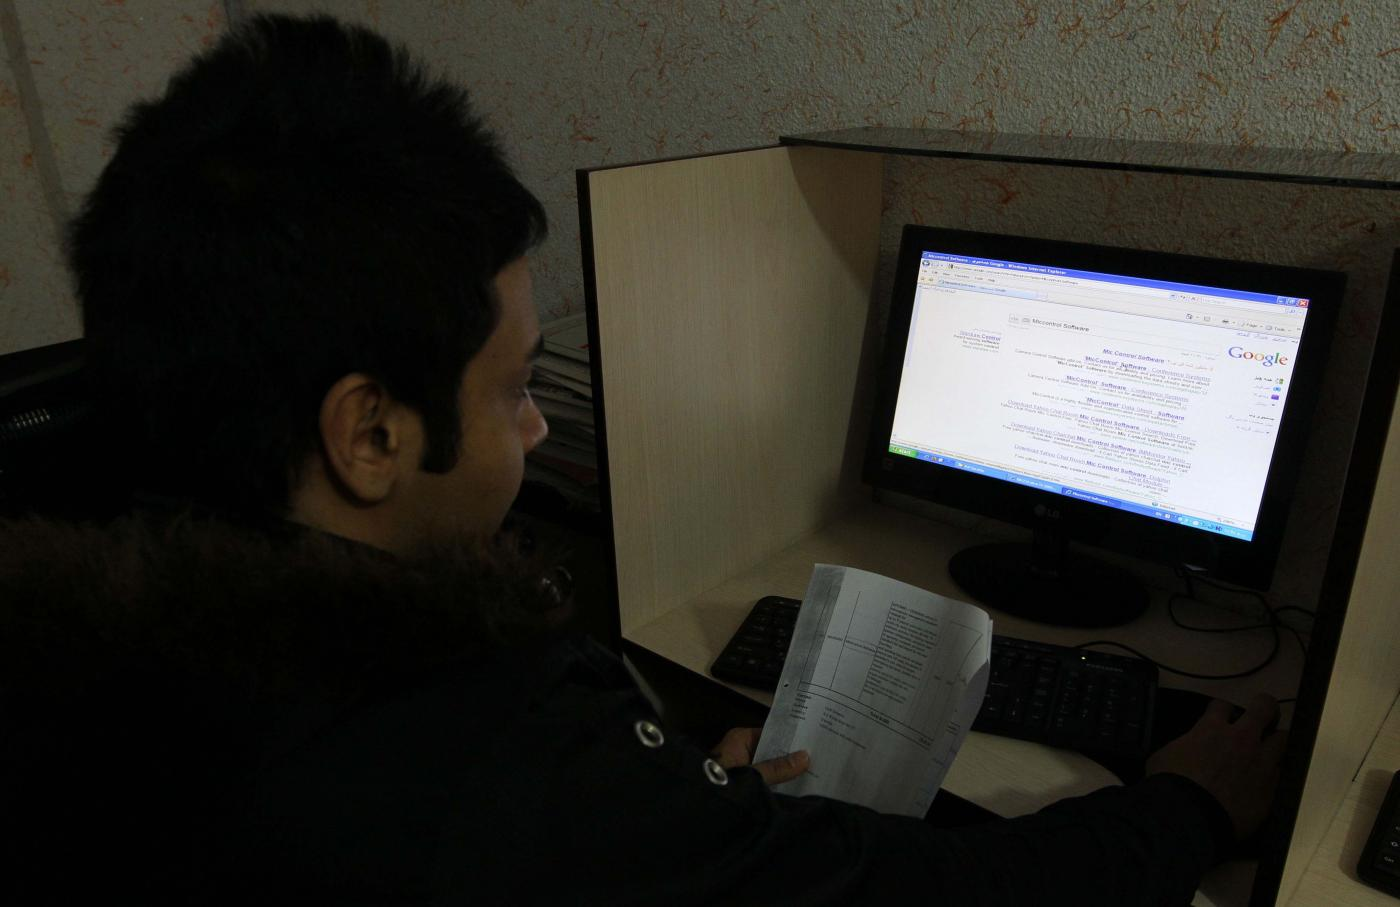 العقوبات تأتي بعد حظر خدمات الإنترنت في إيران وسط احتجاجات ضد ارتفاع أسعار البنزين (AFP)